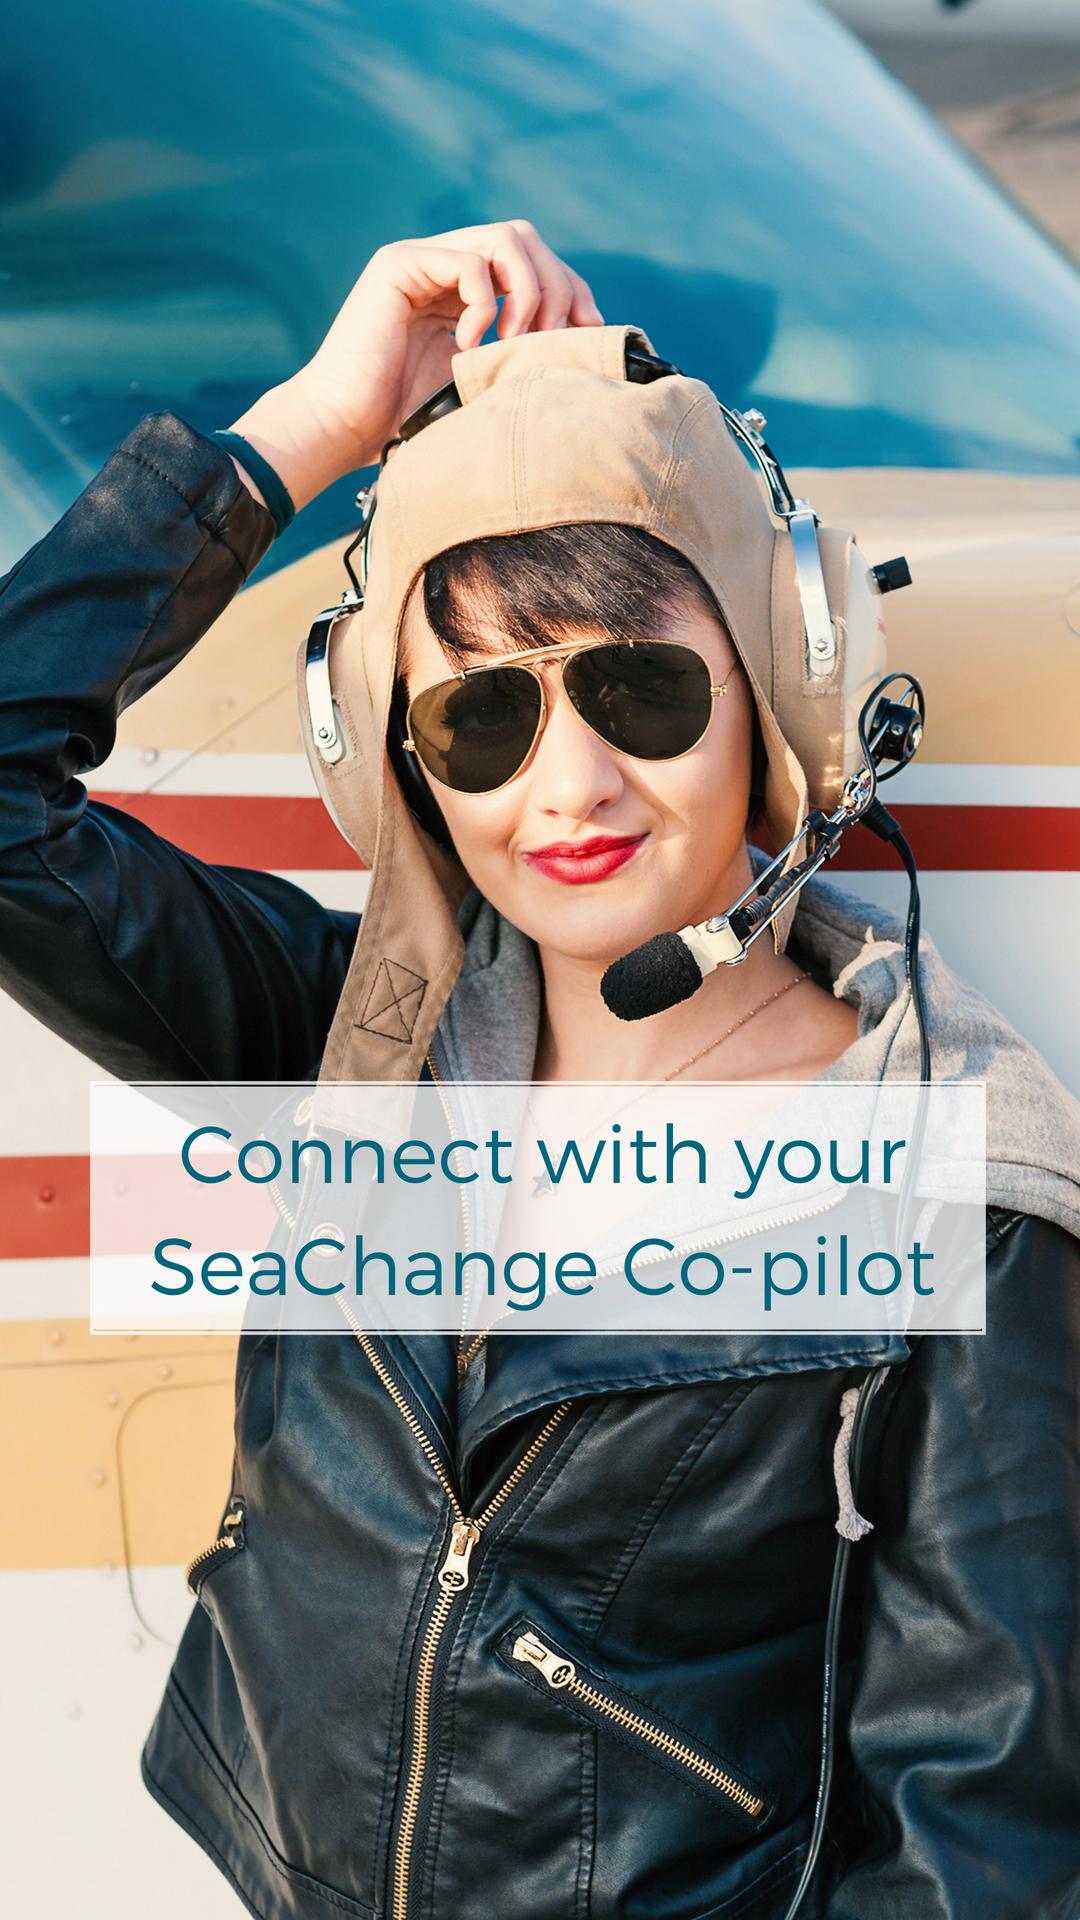 Co-Pilot Connect